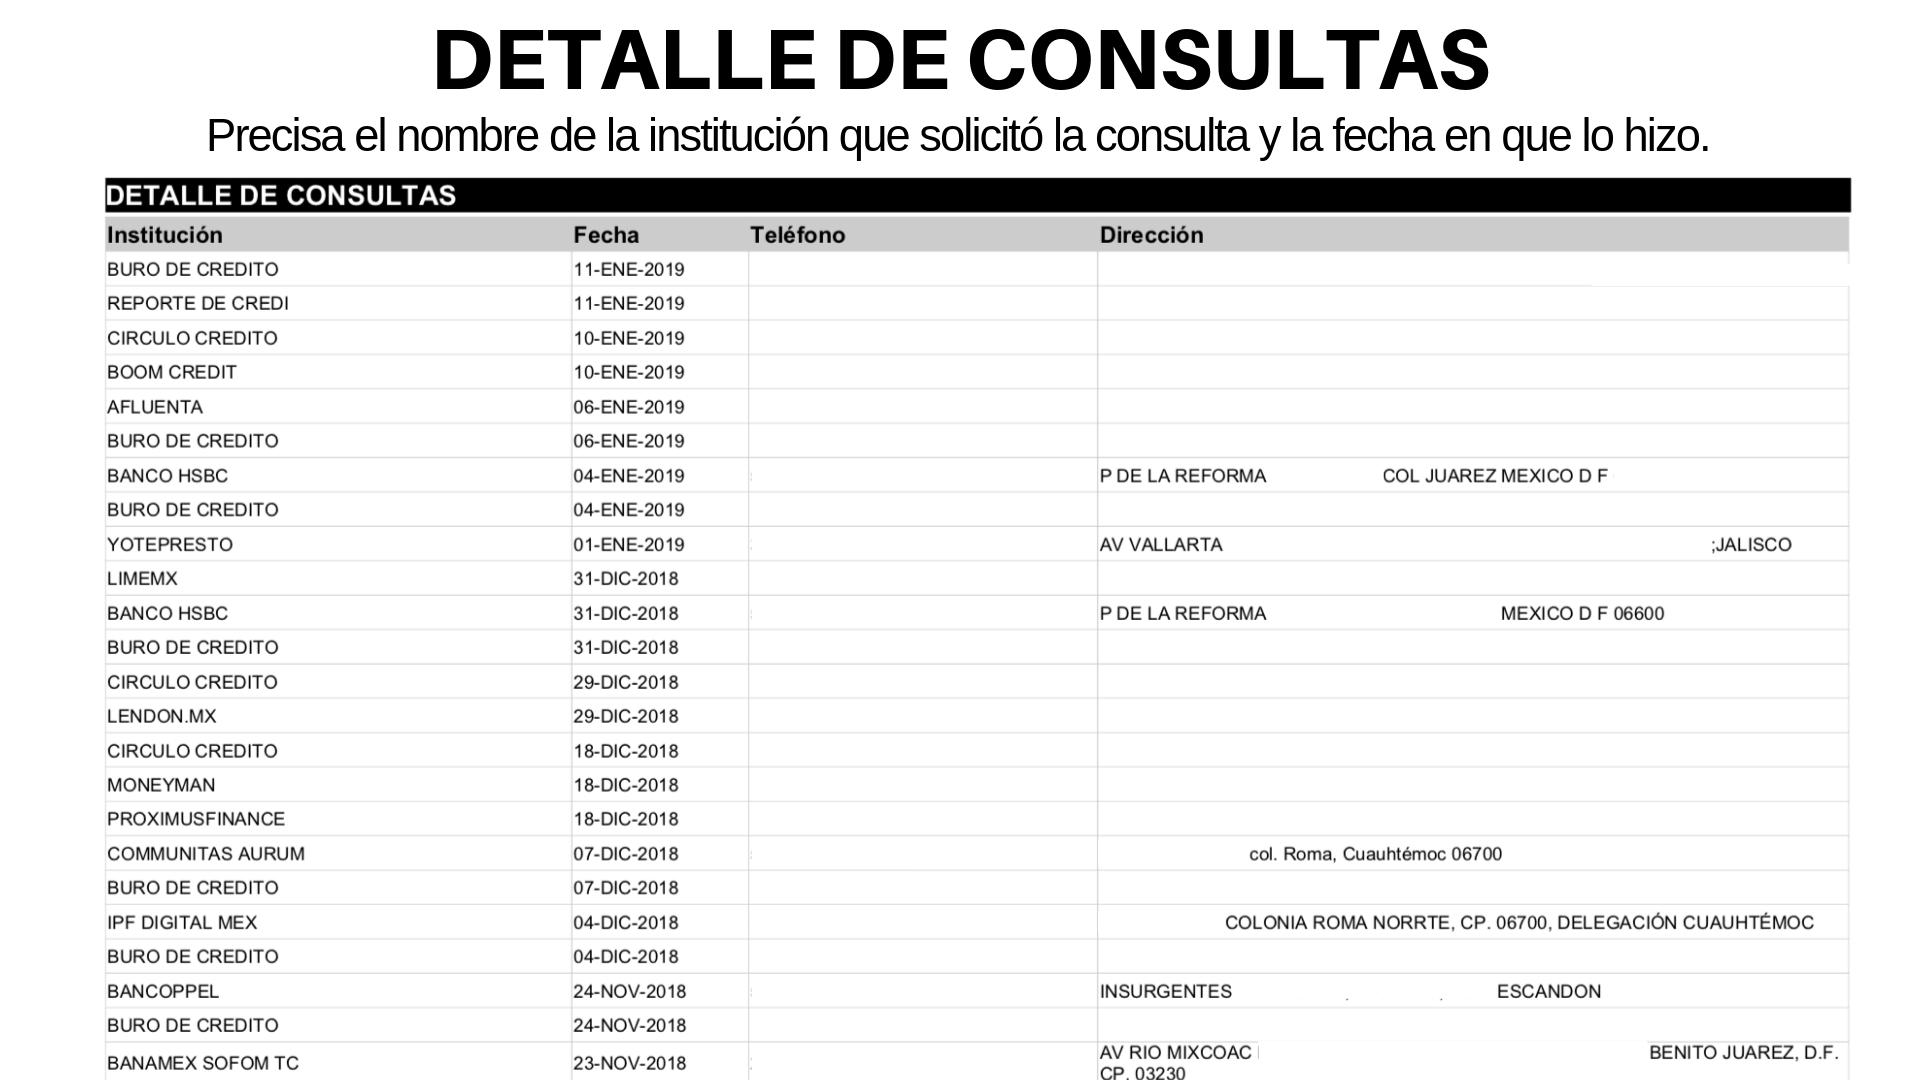 Detalle de consultas - reporte de crédito especial